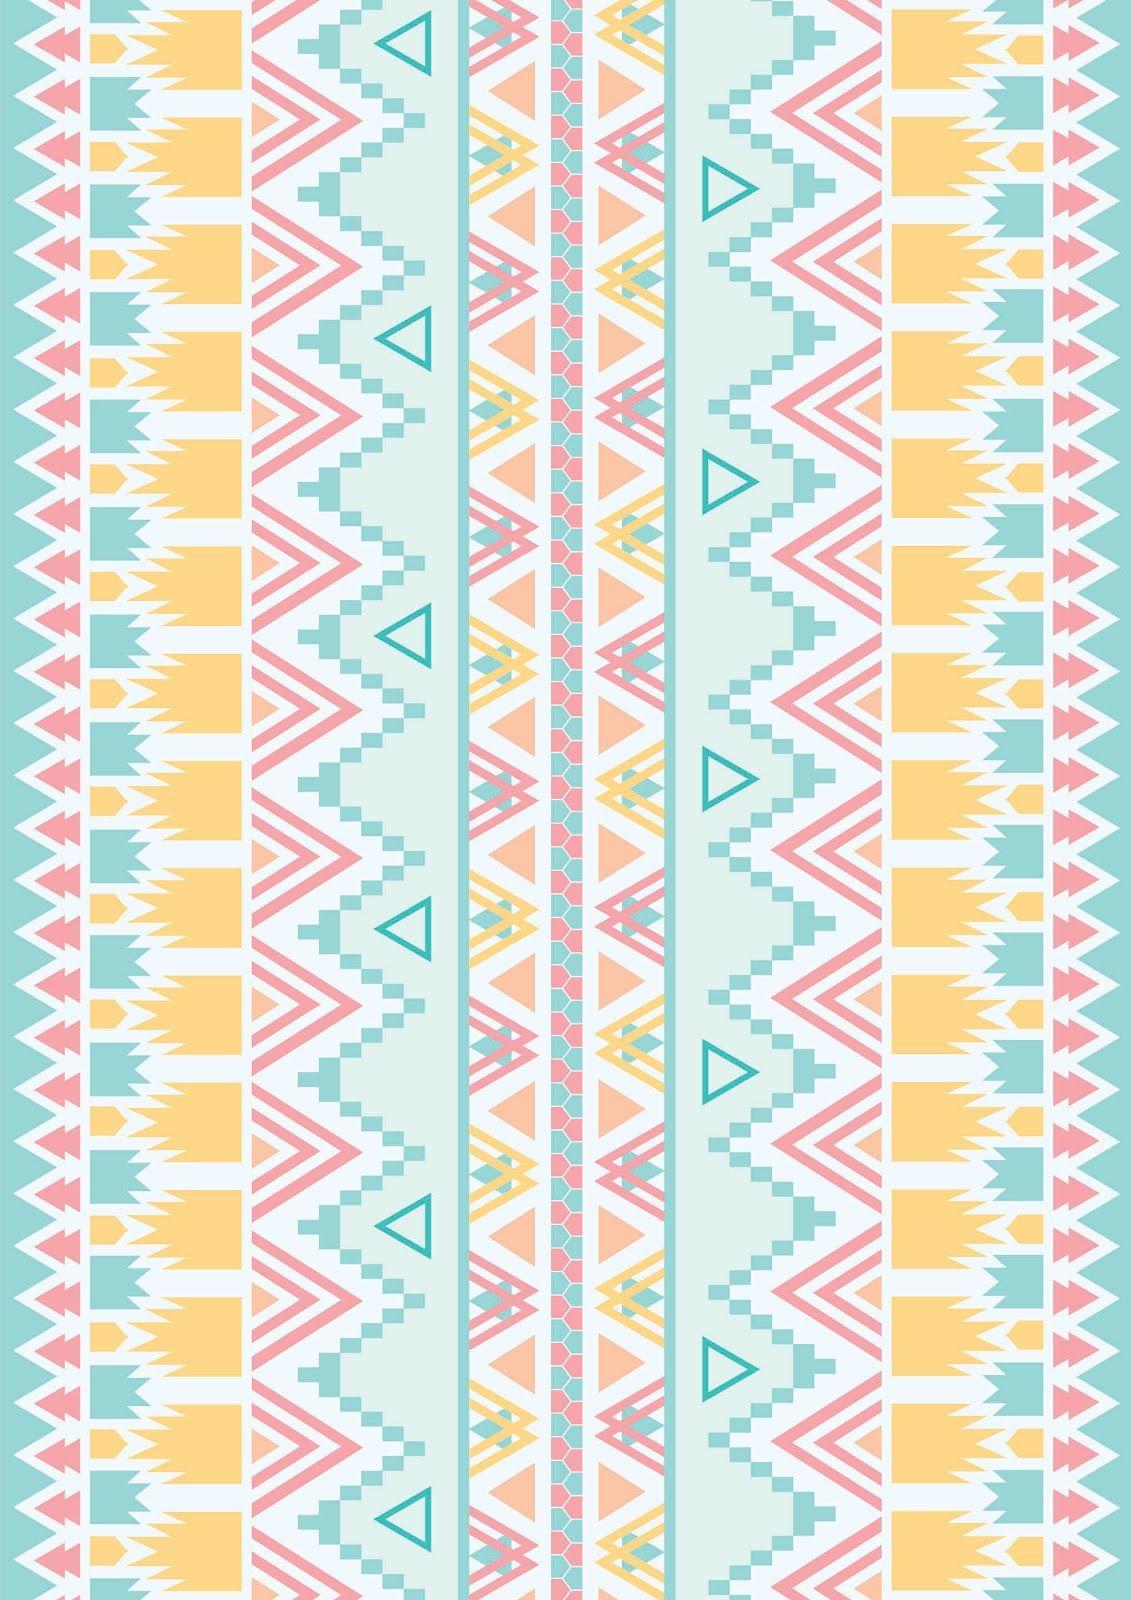 Tribal iphone wallpaper tumblr - Paintings